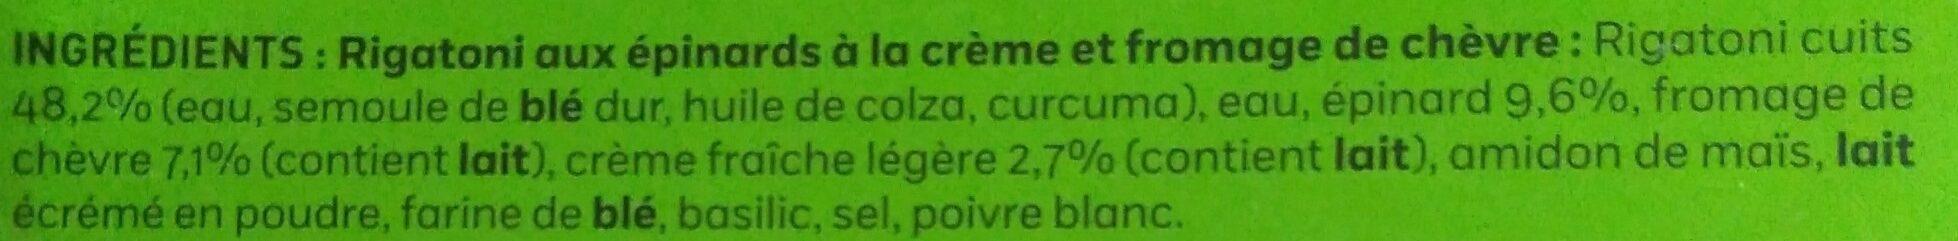 Rigatoni au chèvre et épinards à la crème - Ingredients - fr